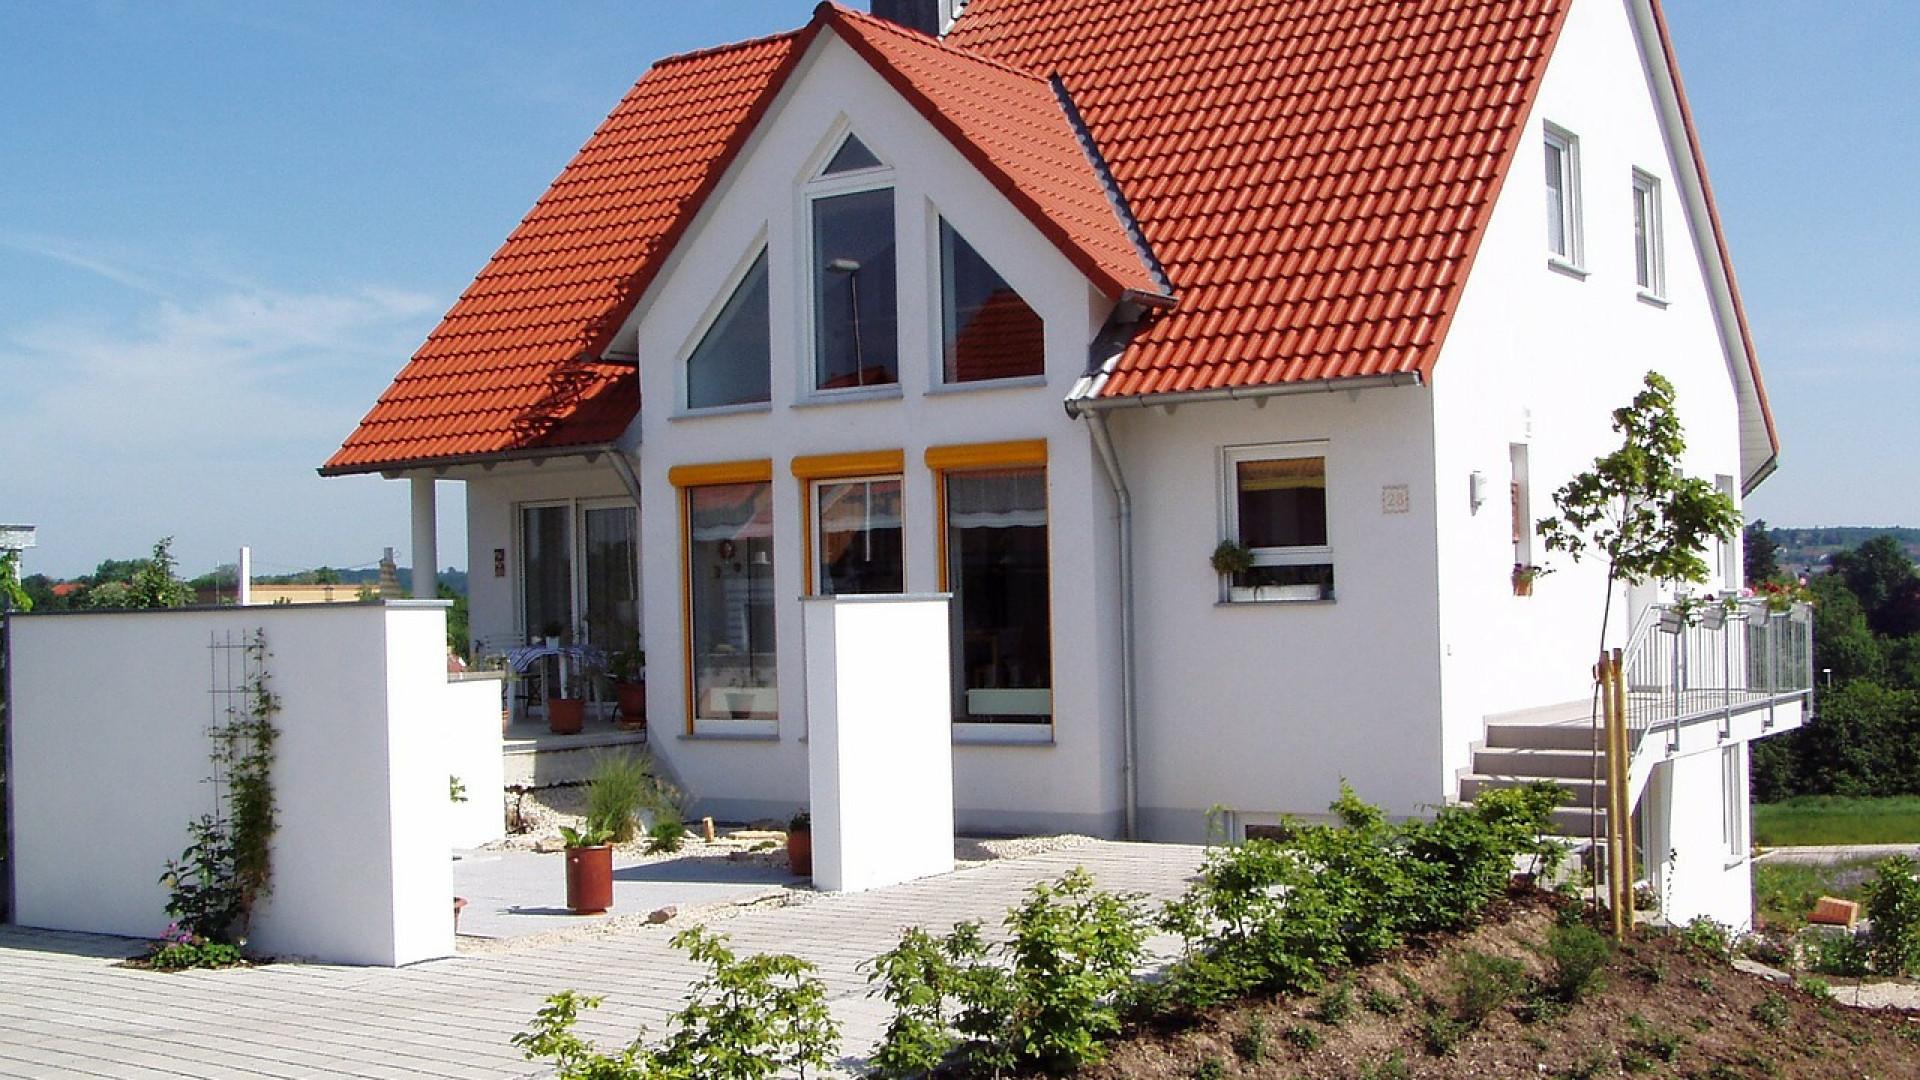 Comment mettre en valeur l'entrée de votre propriété ?